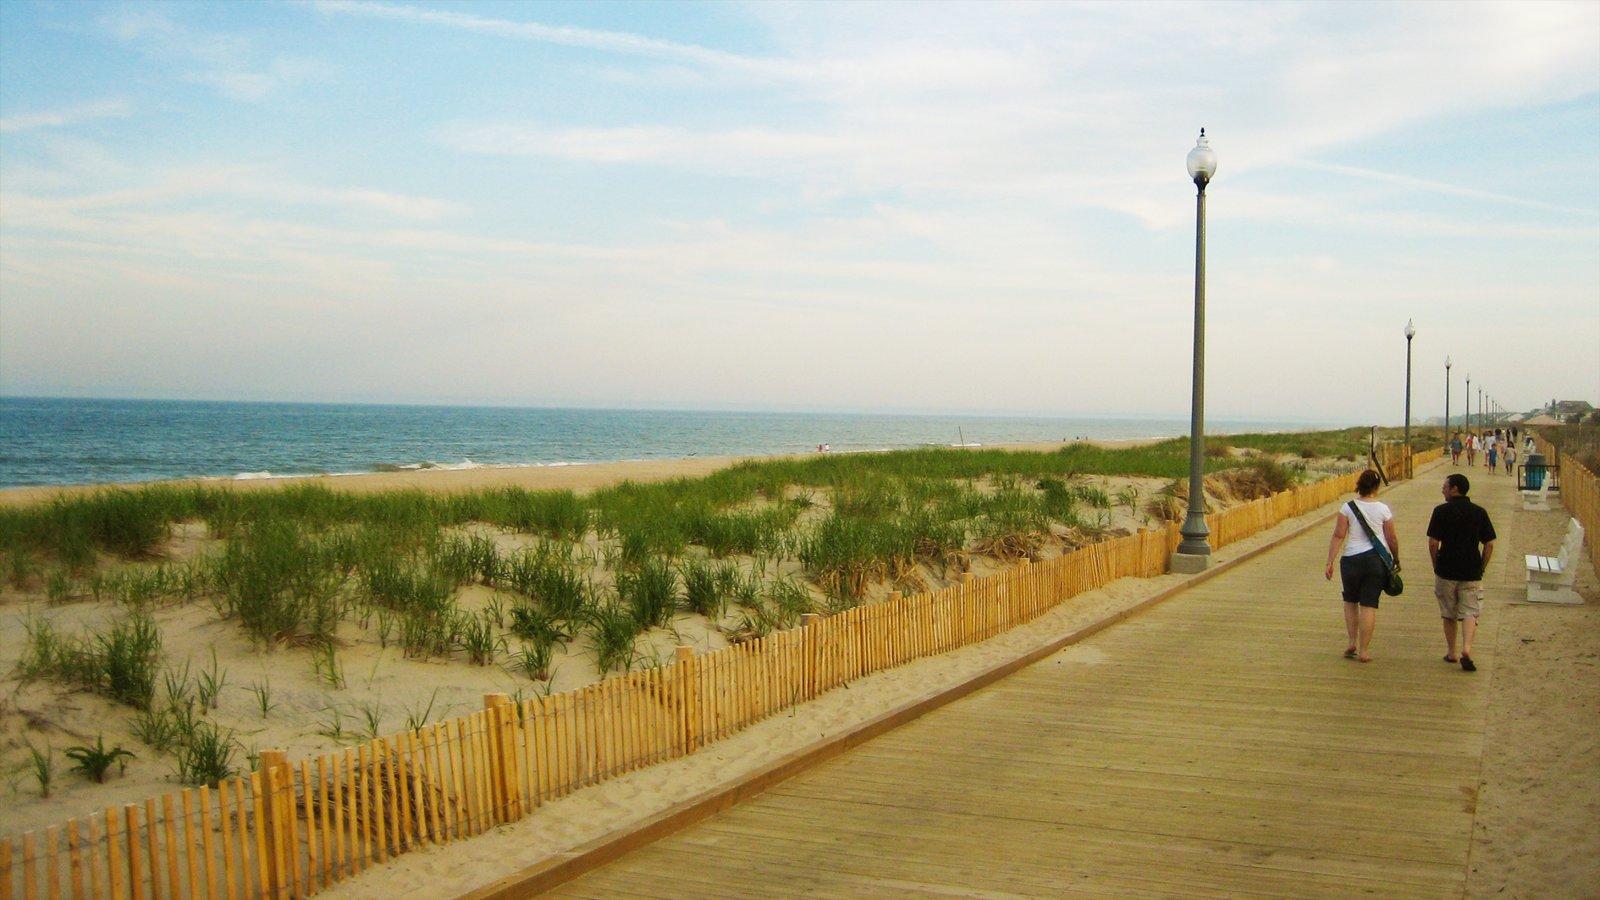 Rehoboth Beach ofreciendo una playa y vistas de paisajes y también una pareja